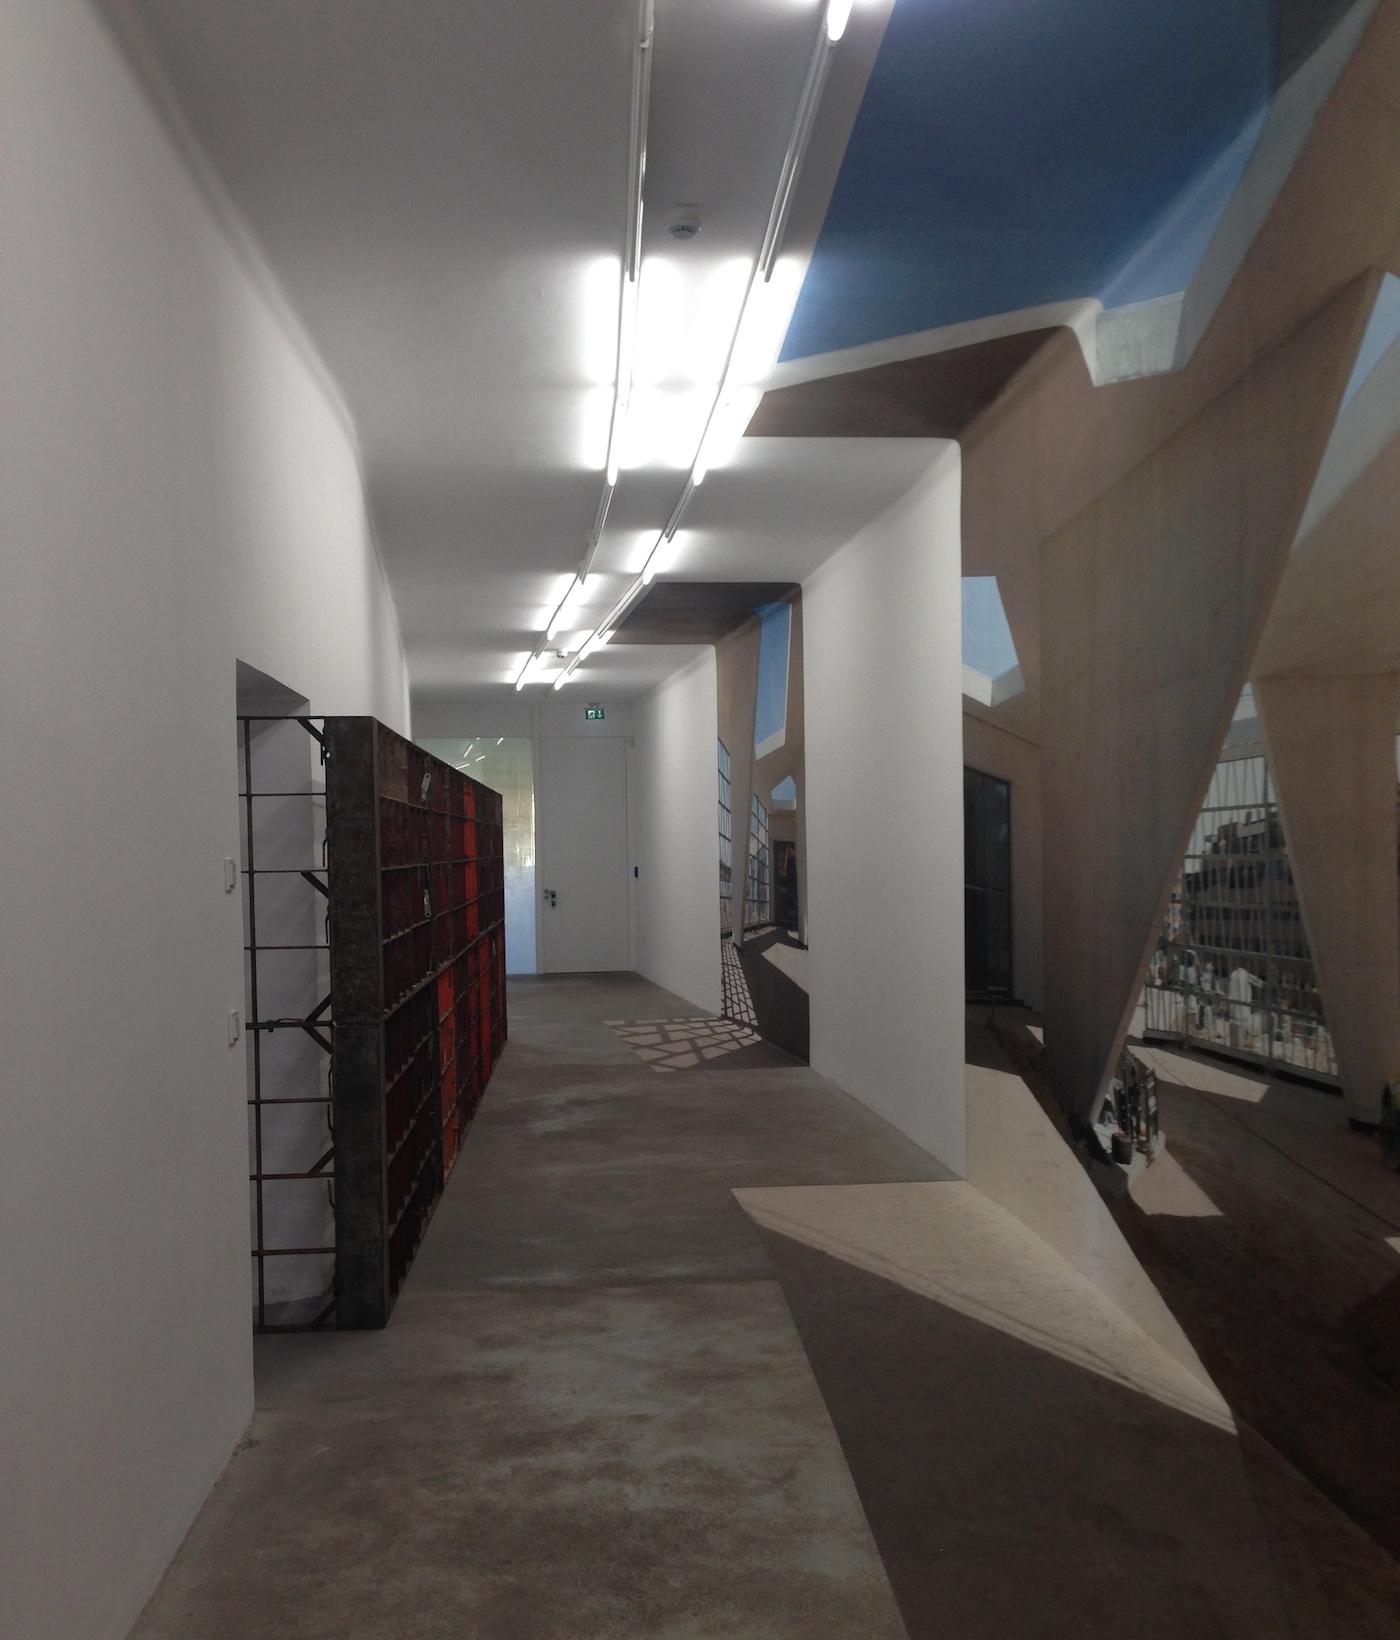 Installation view of Franka Hörnschemeyer's exhibition at Grüntuch Ernst Lab